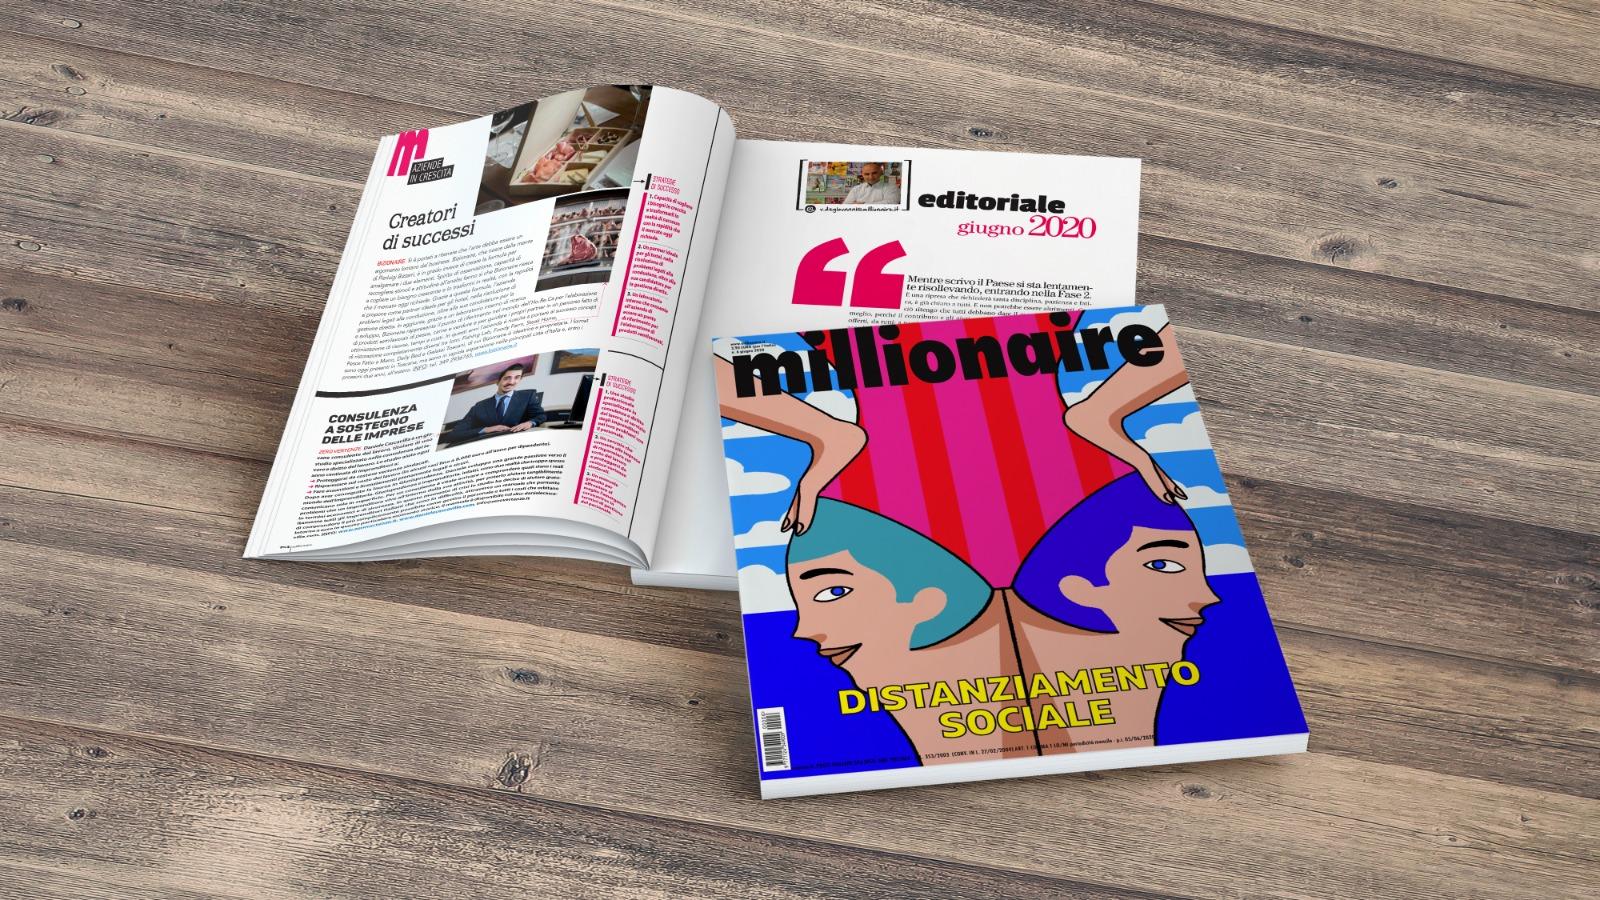 Millionaire Giugno 2020 Daniele Cascavilla Aziende in Crescita consulenza del lavoro